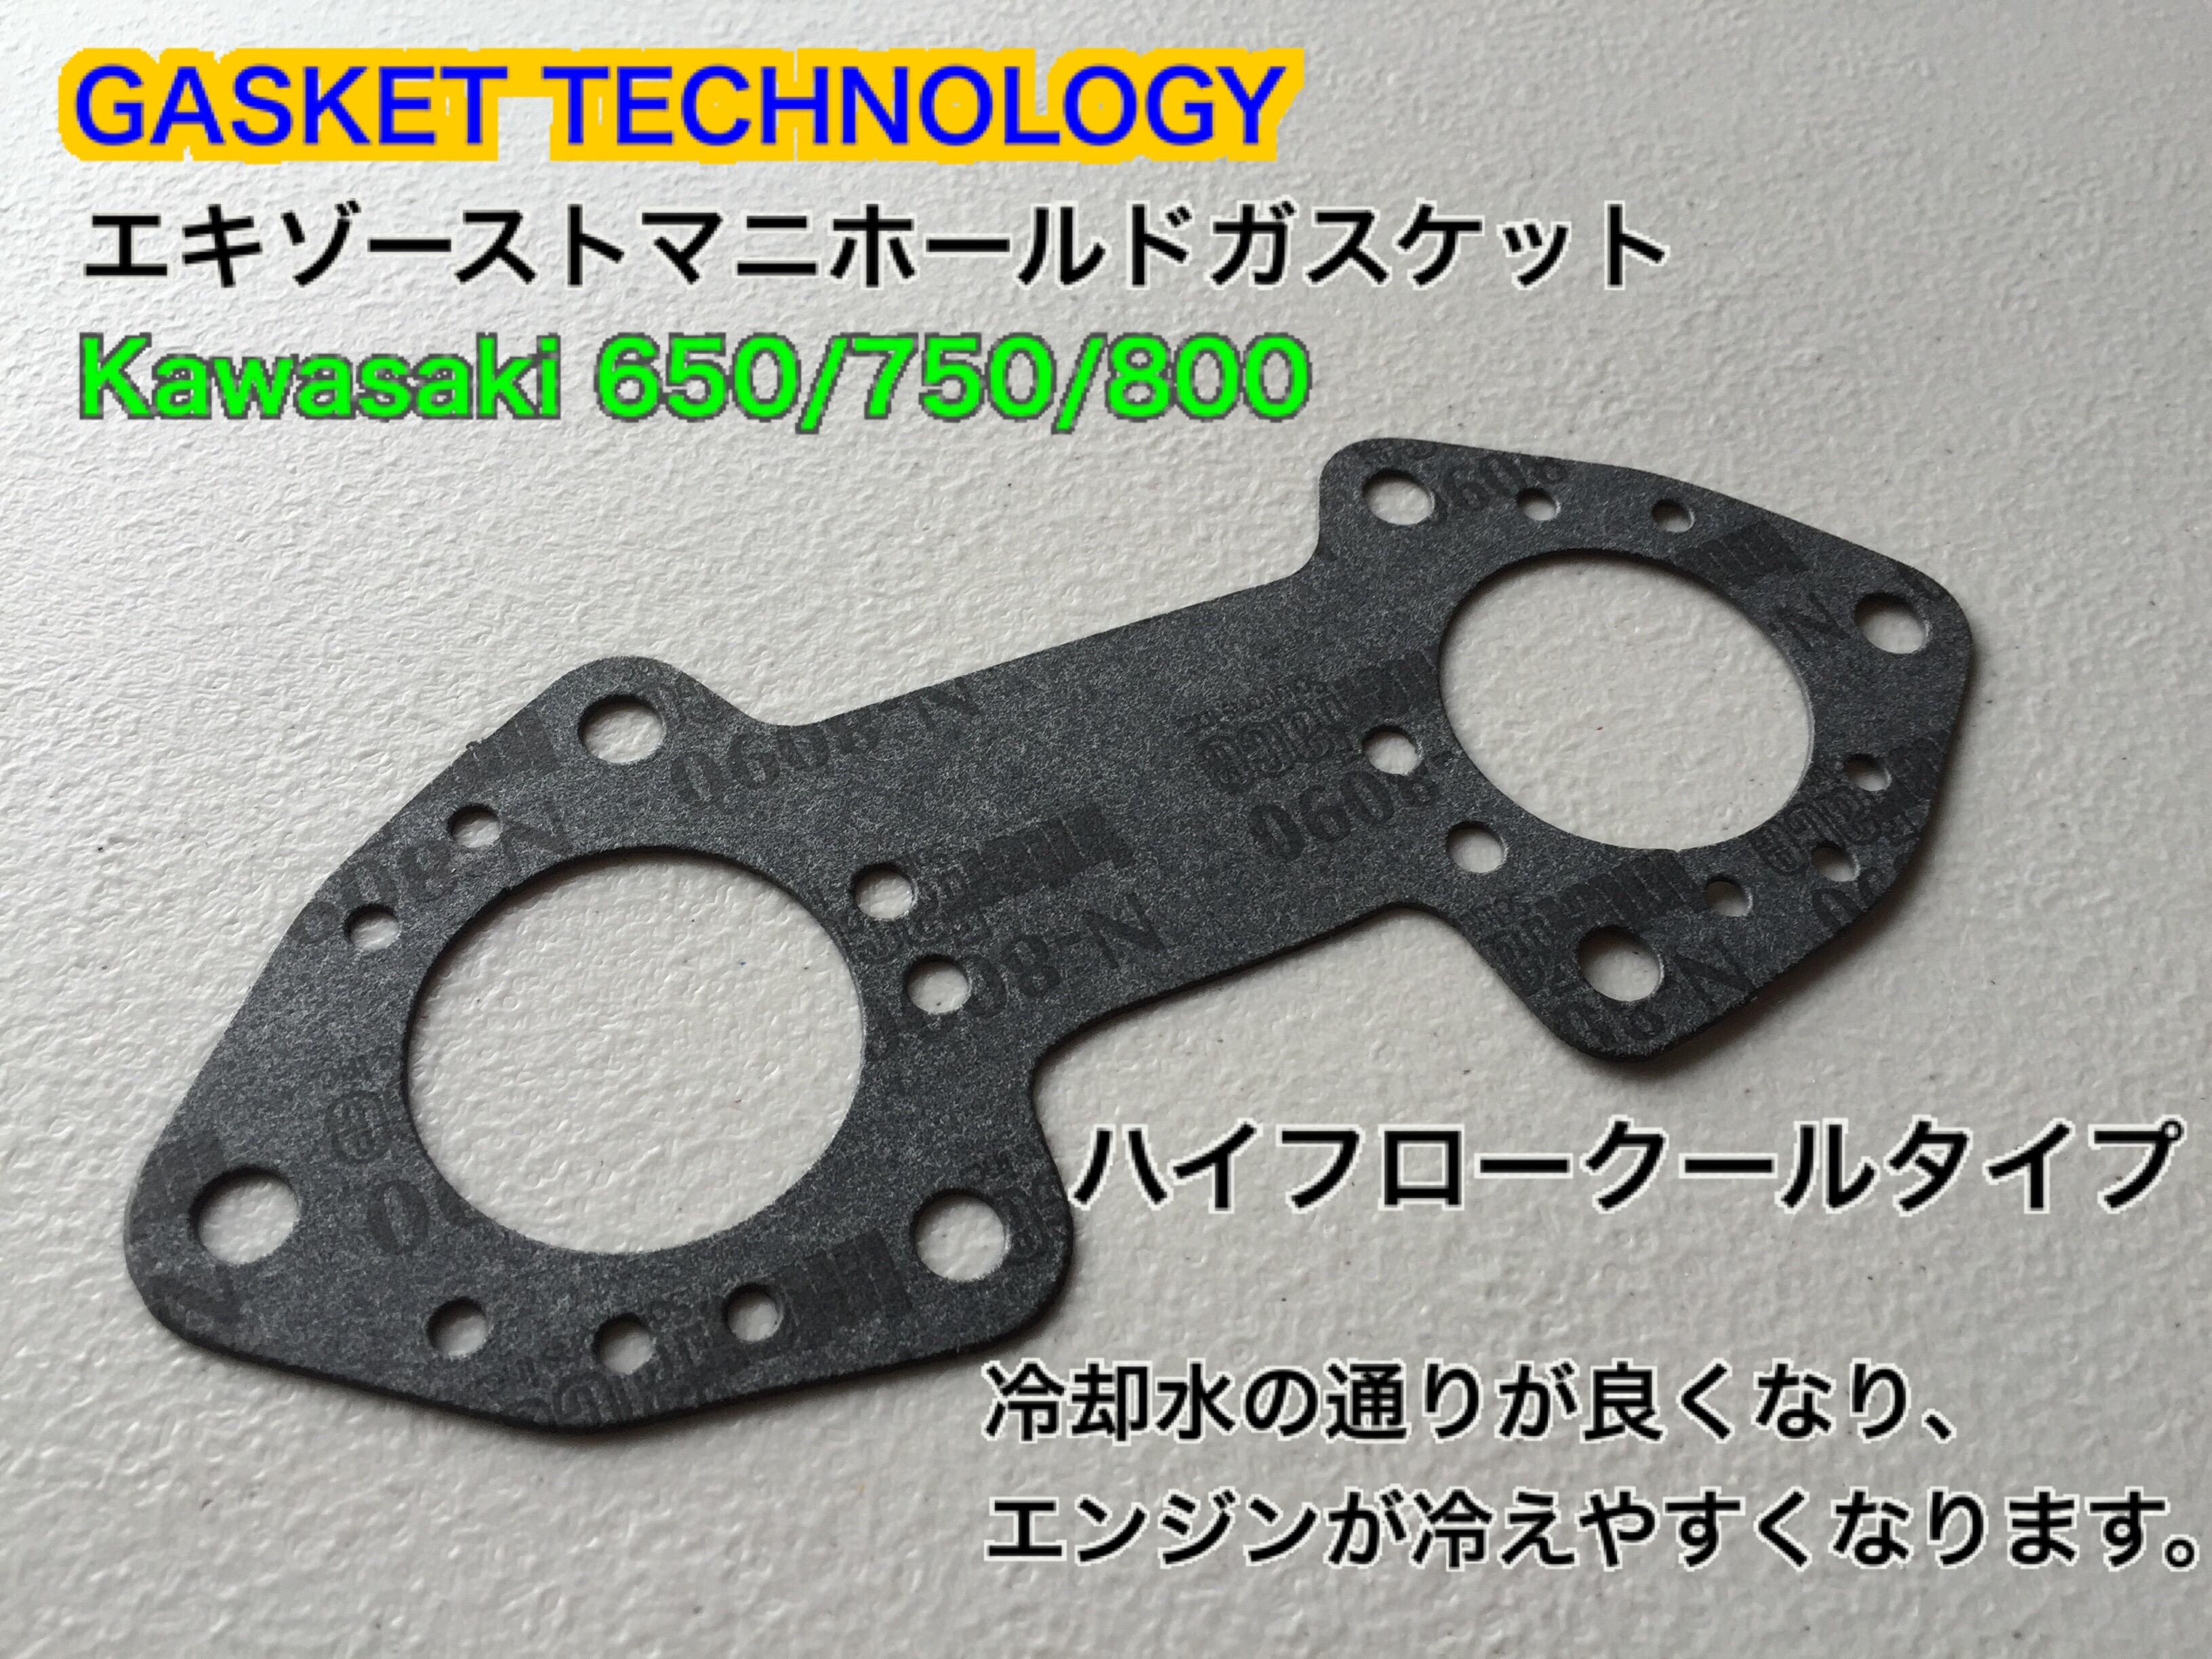 【9035】KAW 650/750/800クールエキゾーストマニホールドガスケット